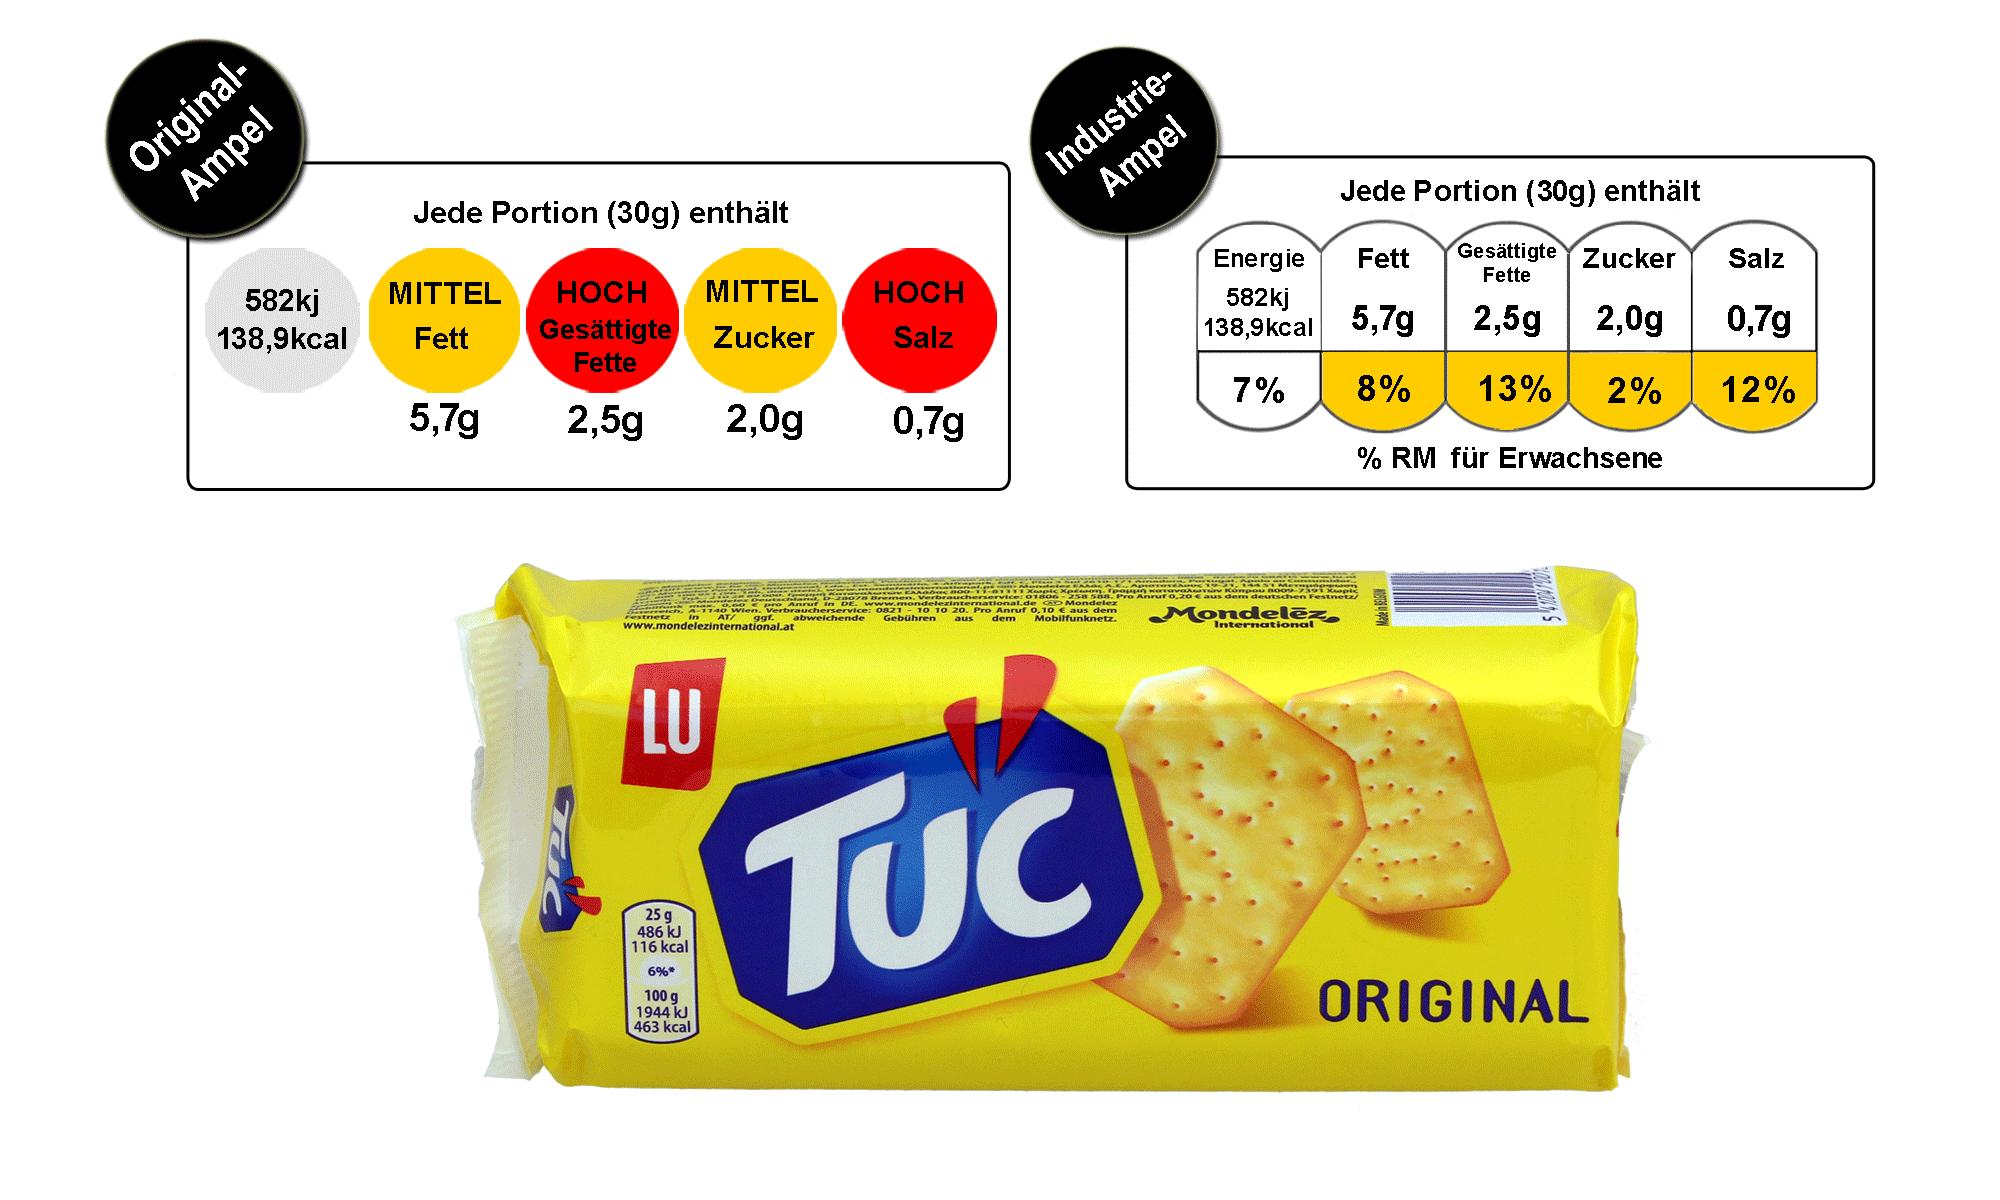 Der neue Ampel-Trick von Nestlé, Coca-Cola und Co.